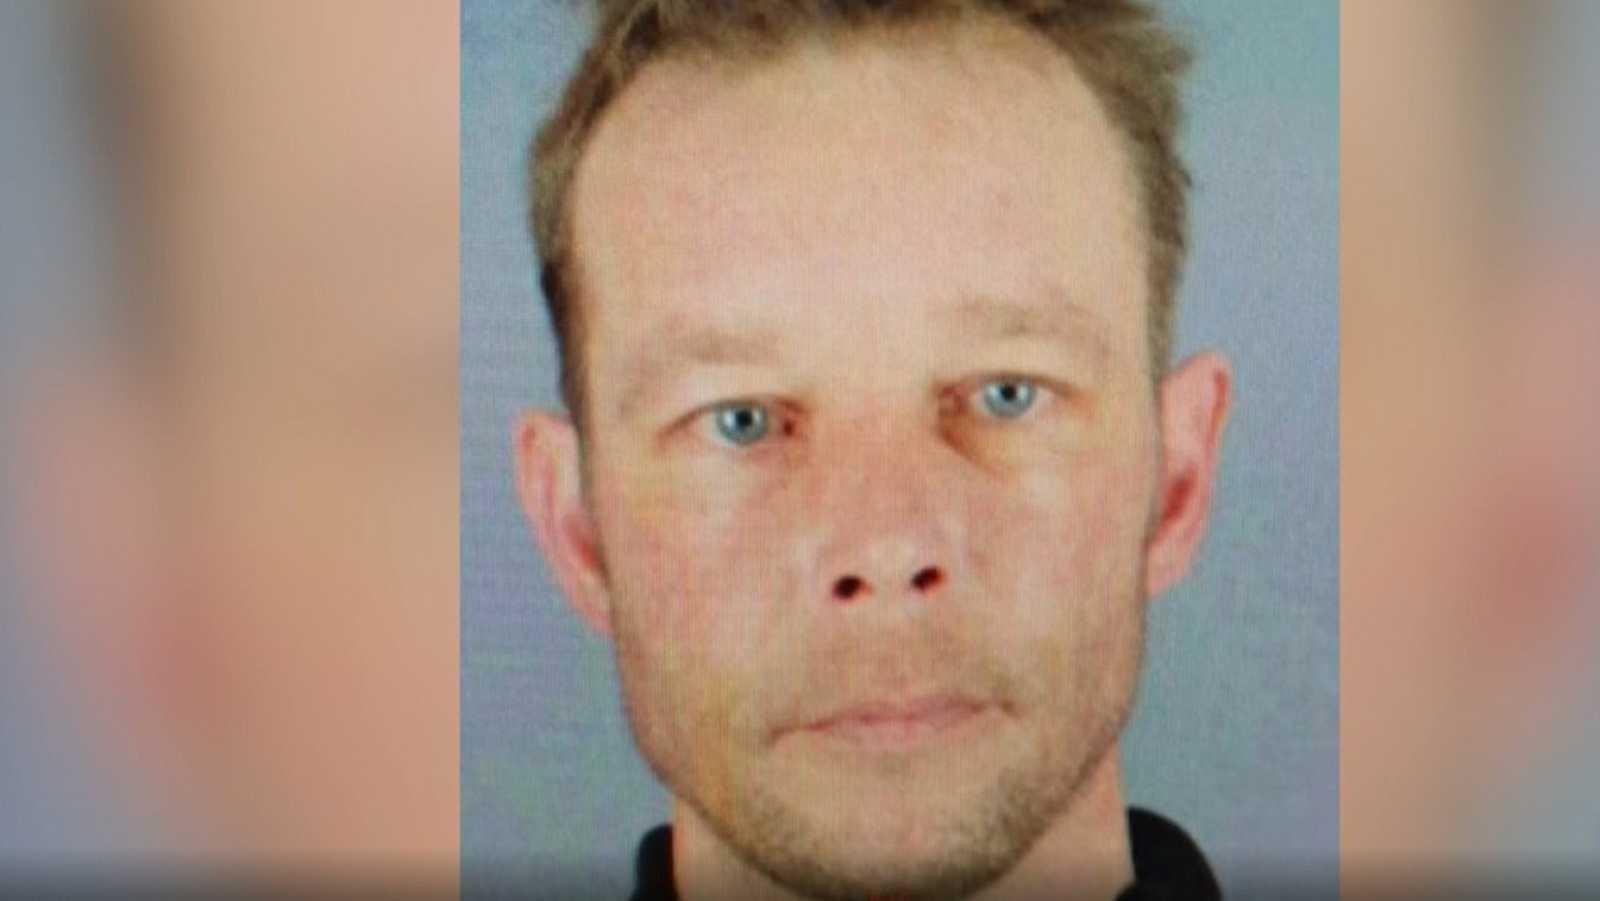 Investigan al presunto asesino de Madeleine por el secuestro de una niña en Alemania